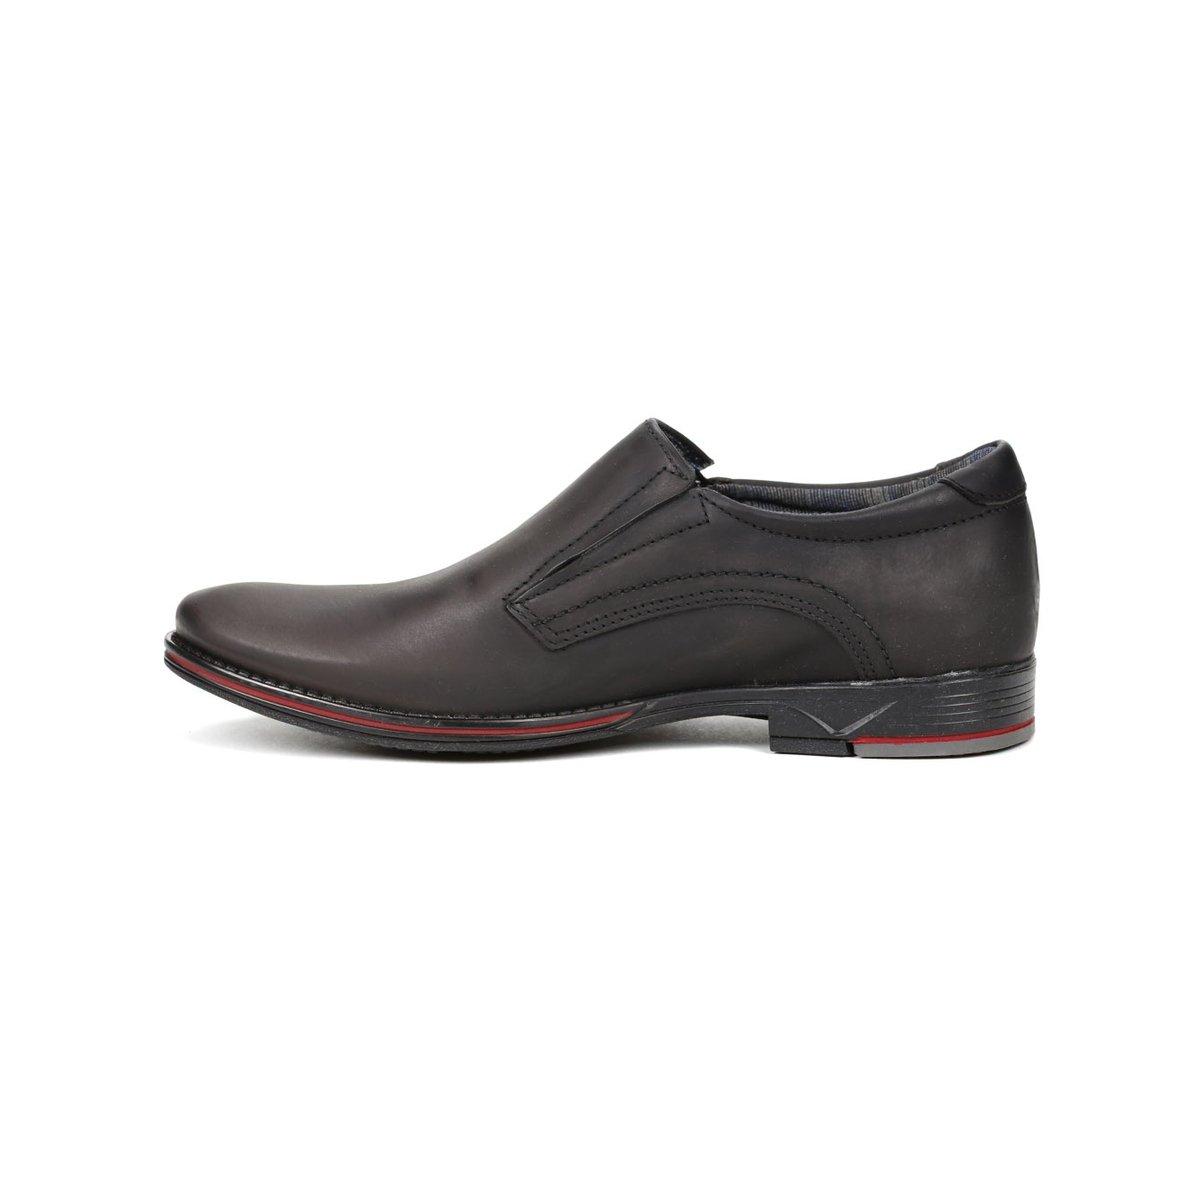 23d5f00006 Sapato Casual Masculino Pegada Preto - Preto - Compre Agora